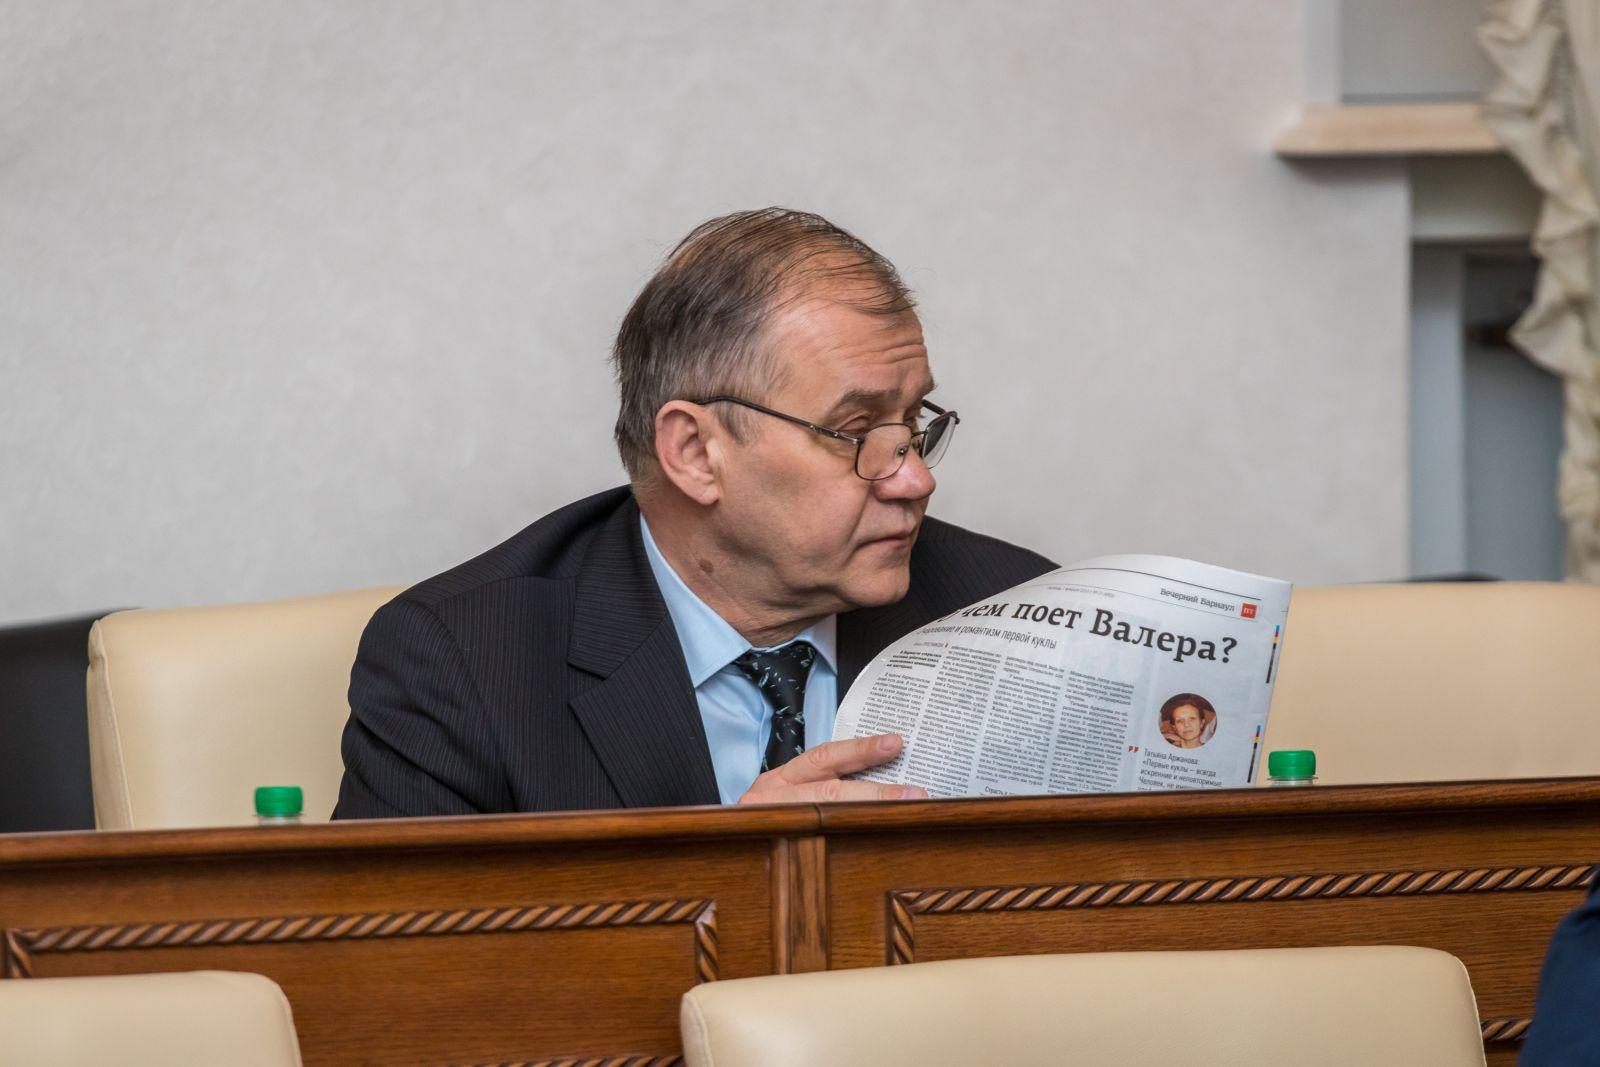 Декоративная власть депутаты Алтайского Заксобрания сессии отстояли свои права отступились пивбаров